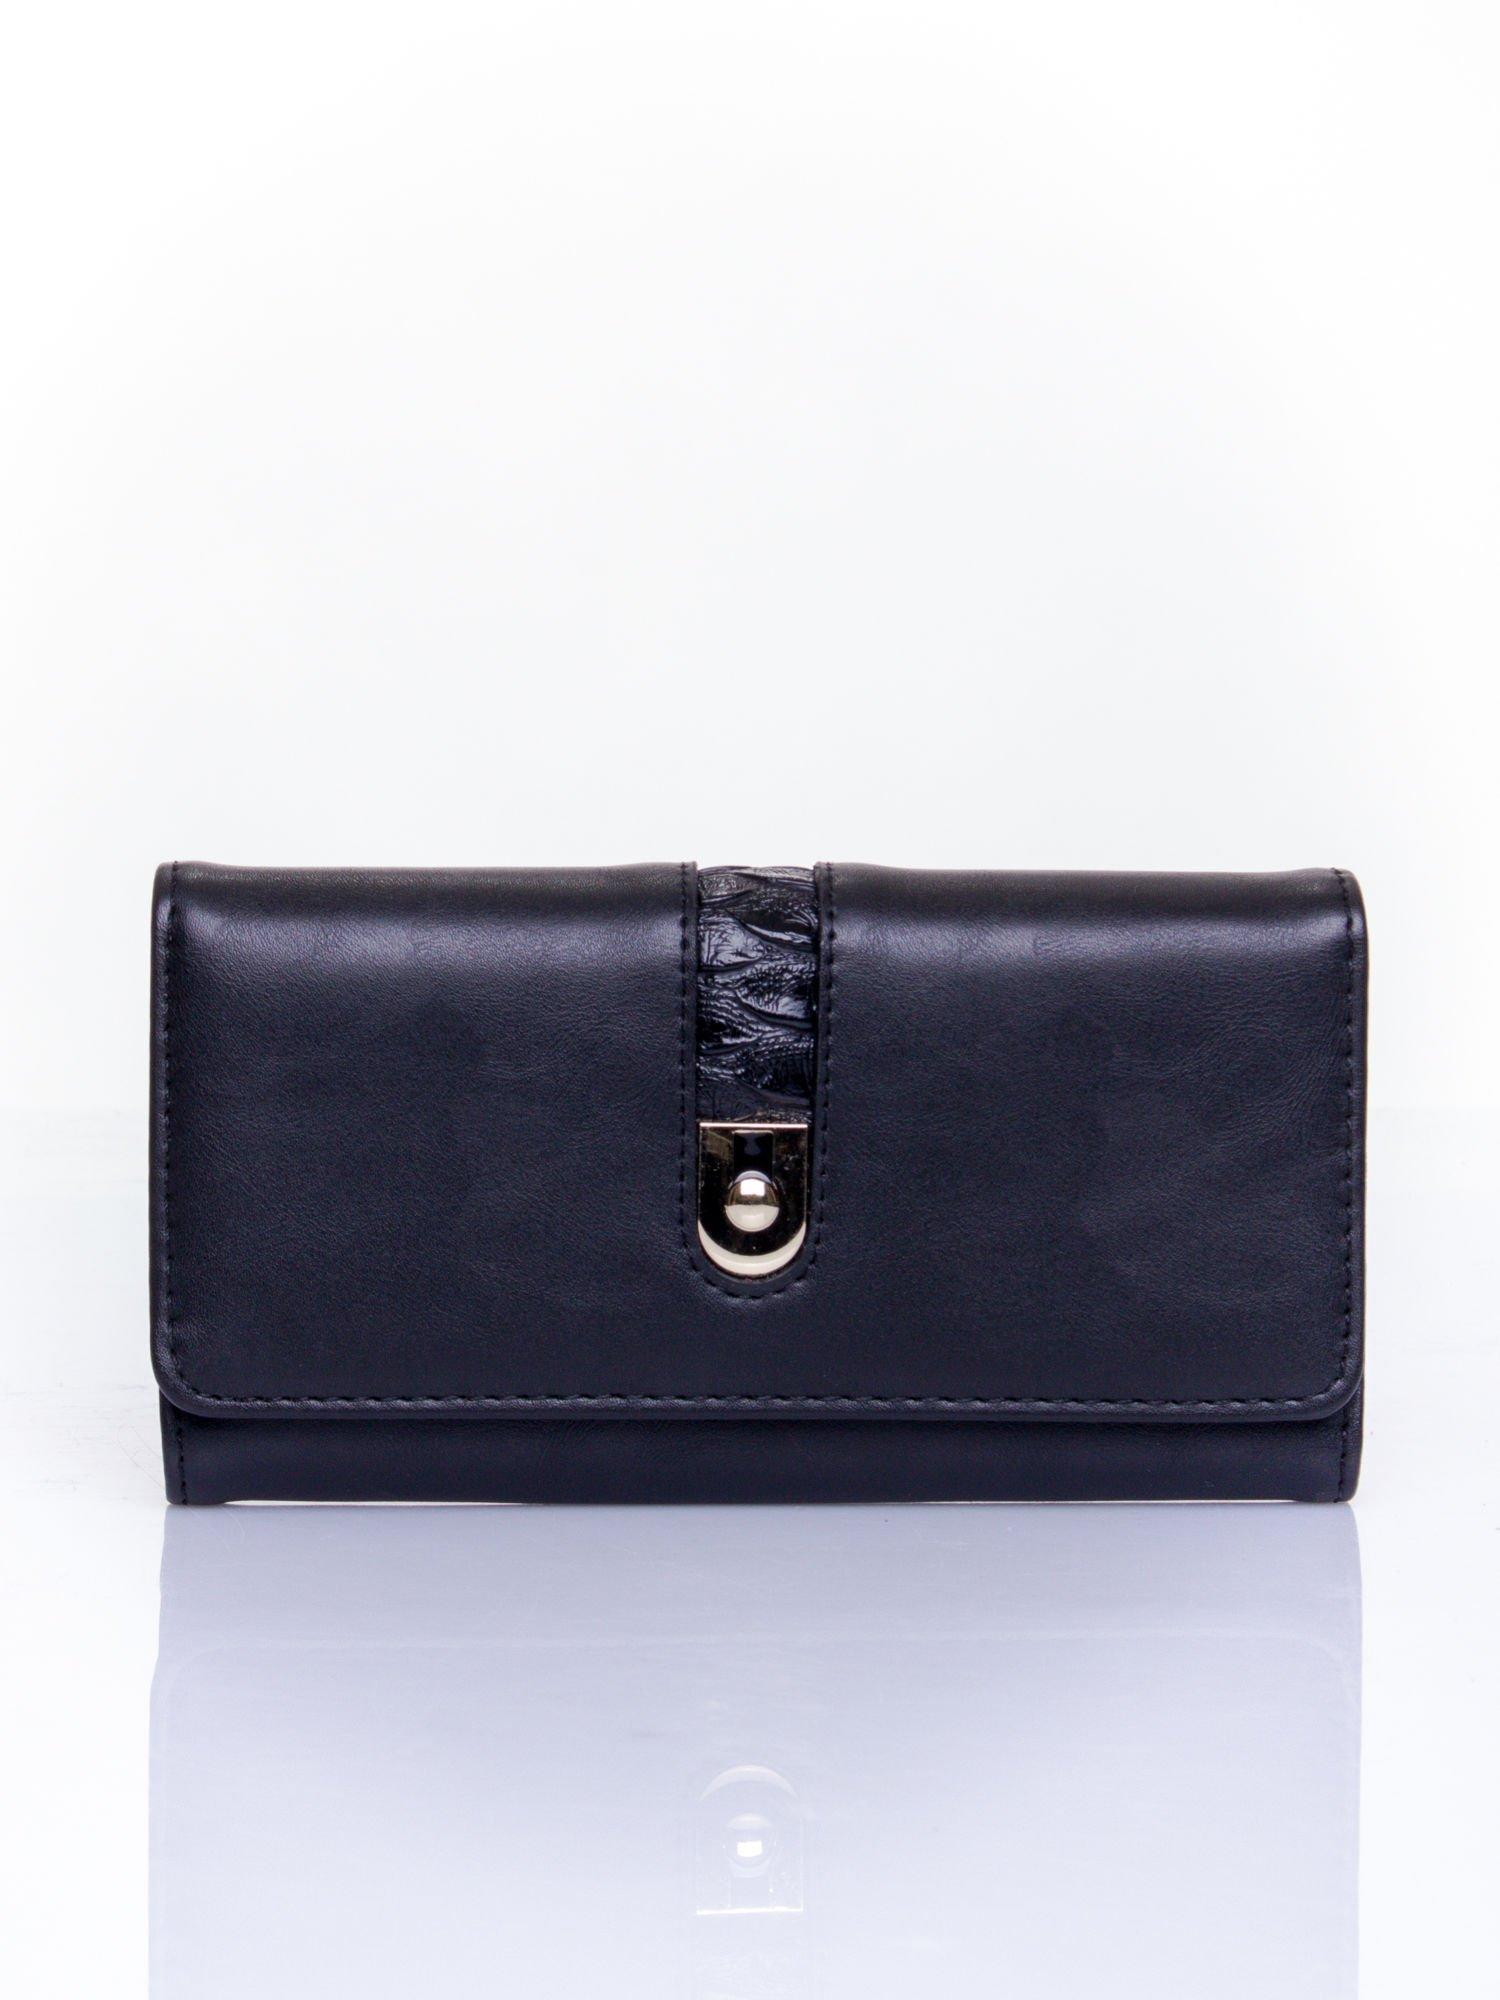 Czarny portfel ze złotym zapięciem                                   zdj.                                  1